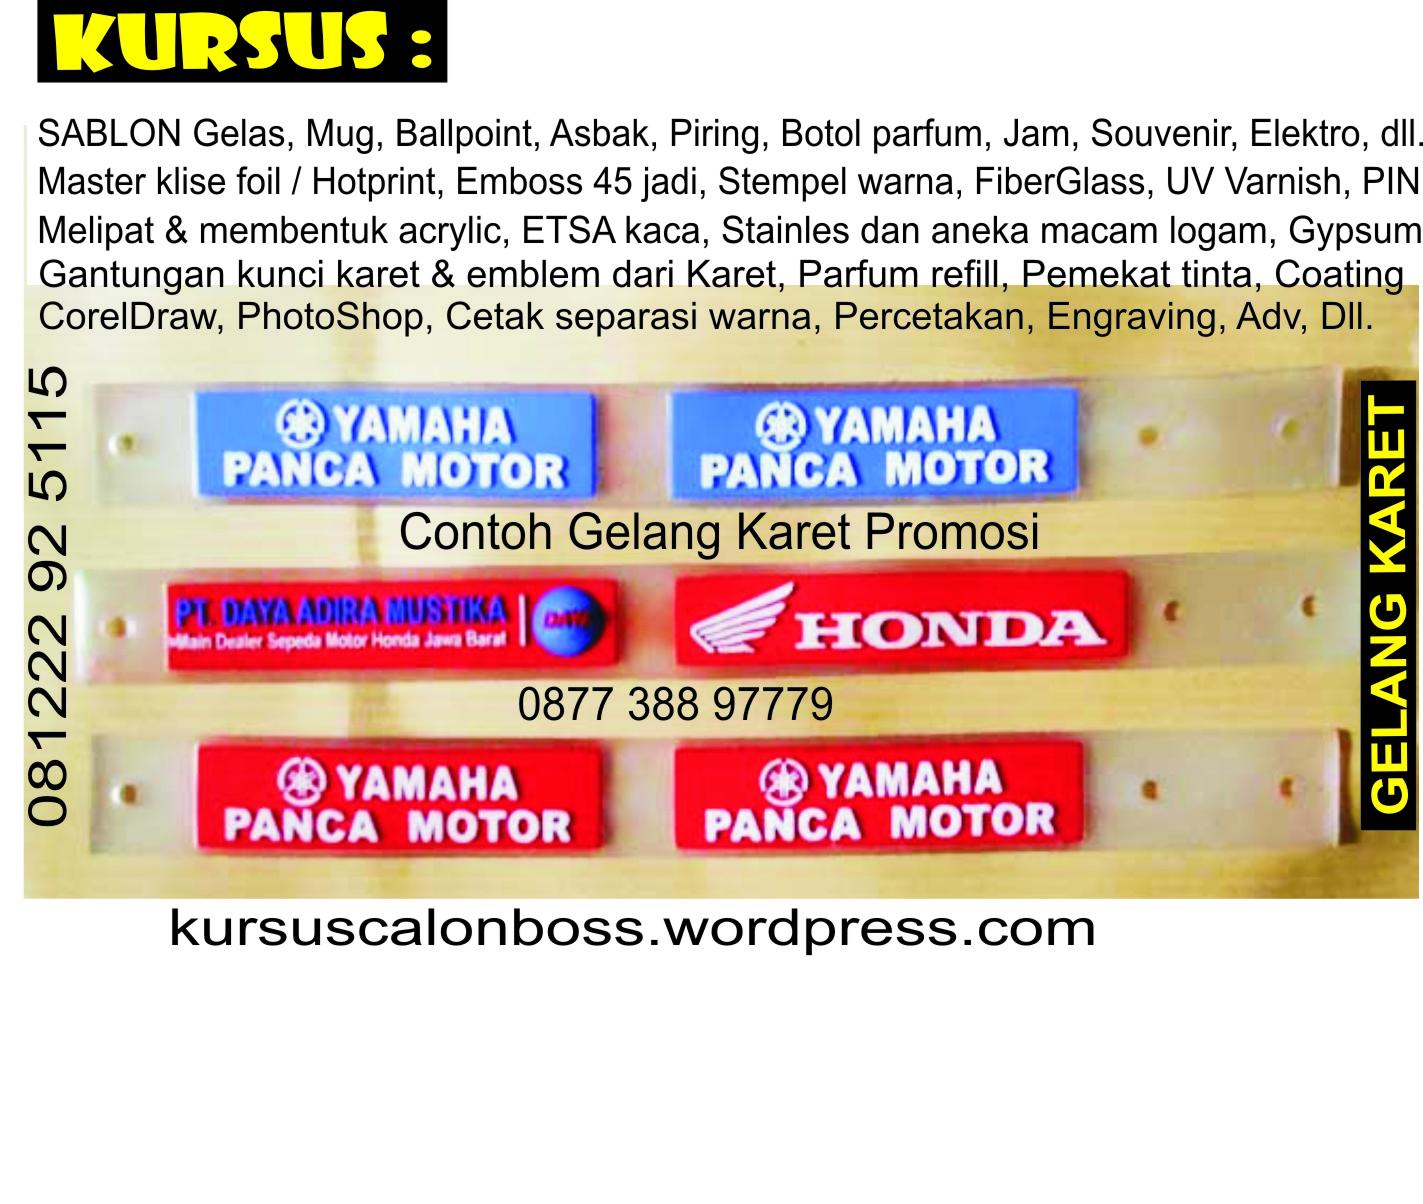 Lowongan Kerja Palembang 2013 Terbaru Untuk Kesehatan Info Terbaru 2016 Info Harian Terbaru Cetak Offset Jilid Binding Hardcover Dan Soft Cover Untuk